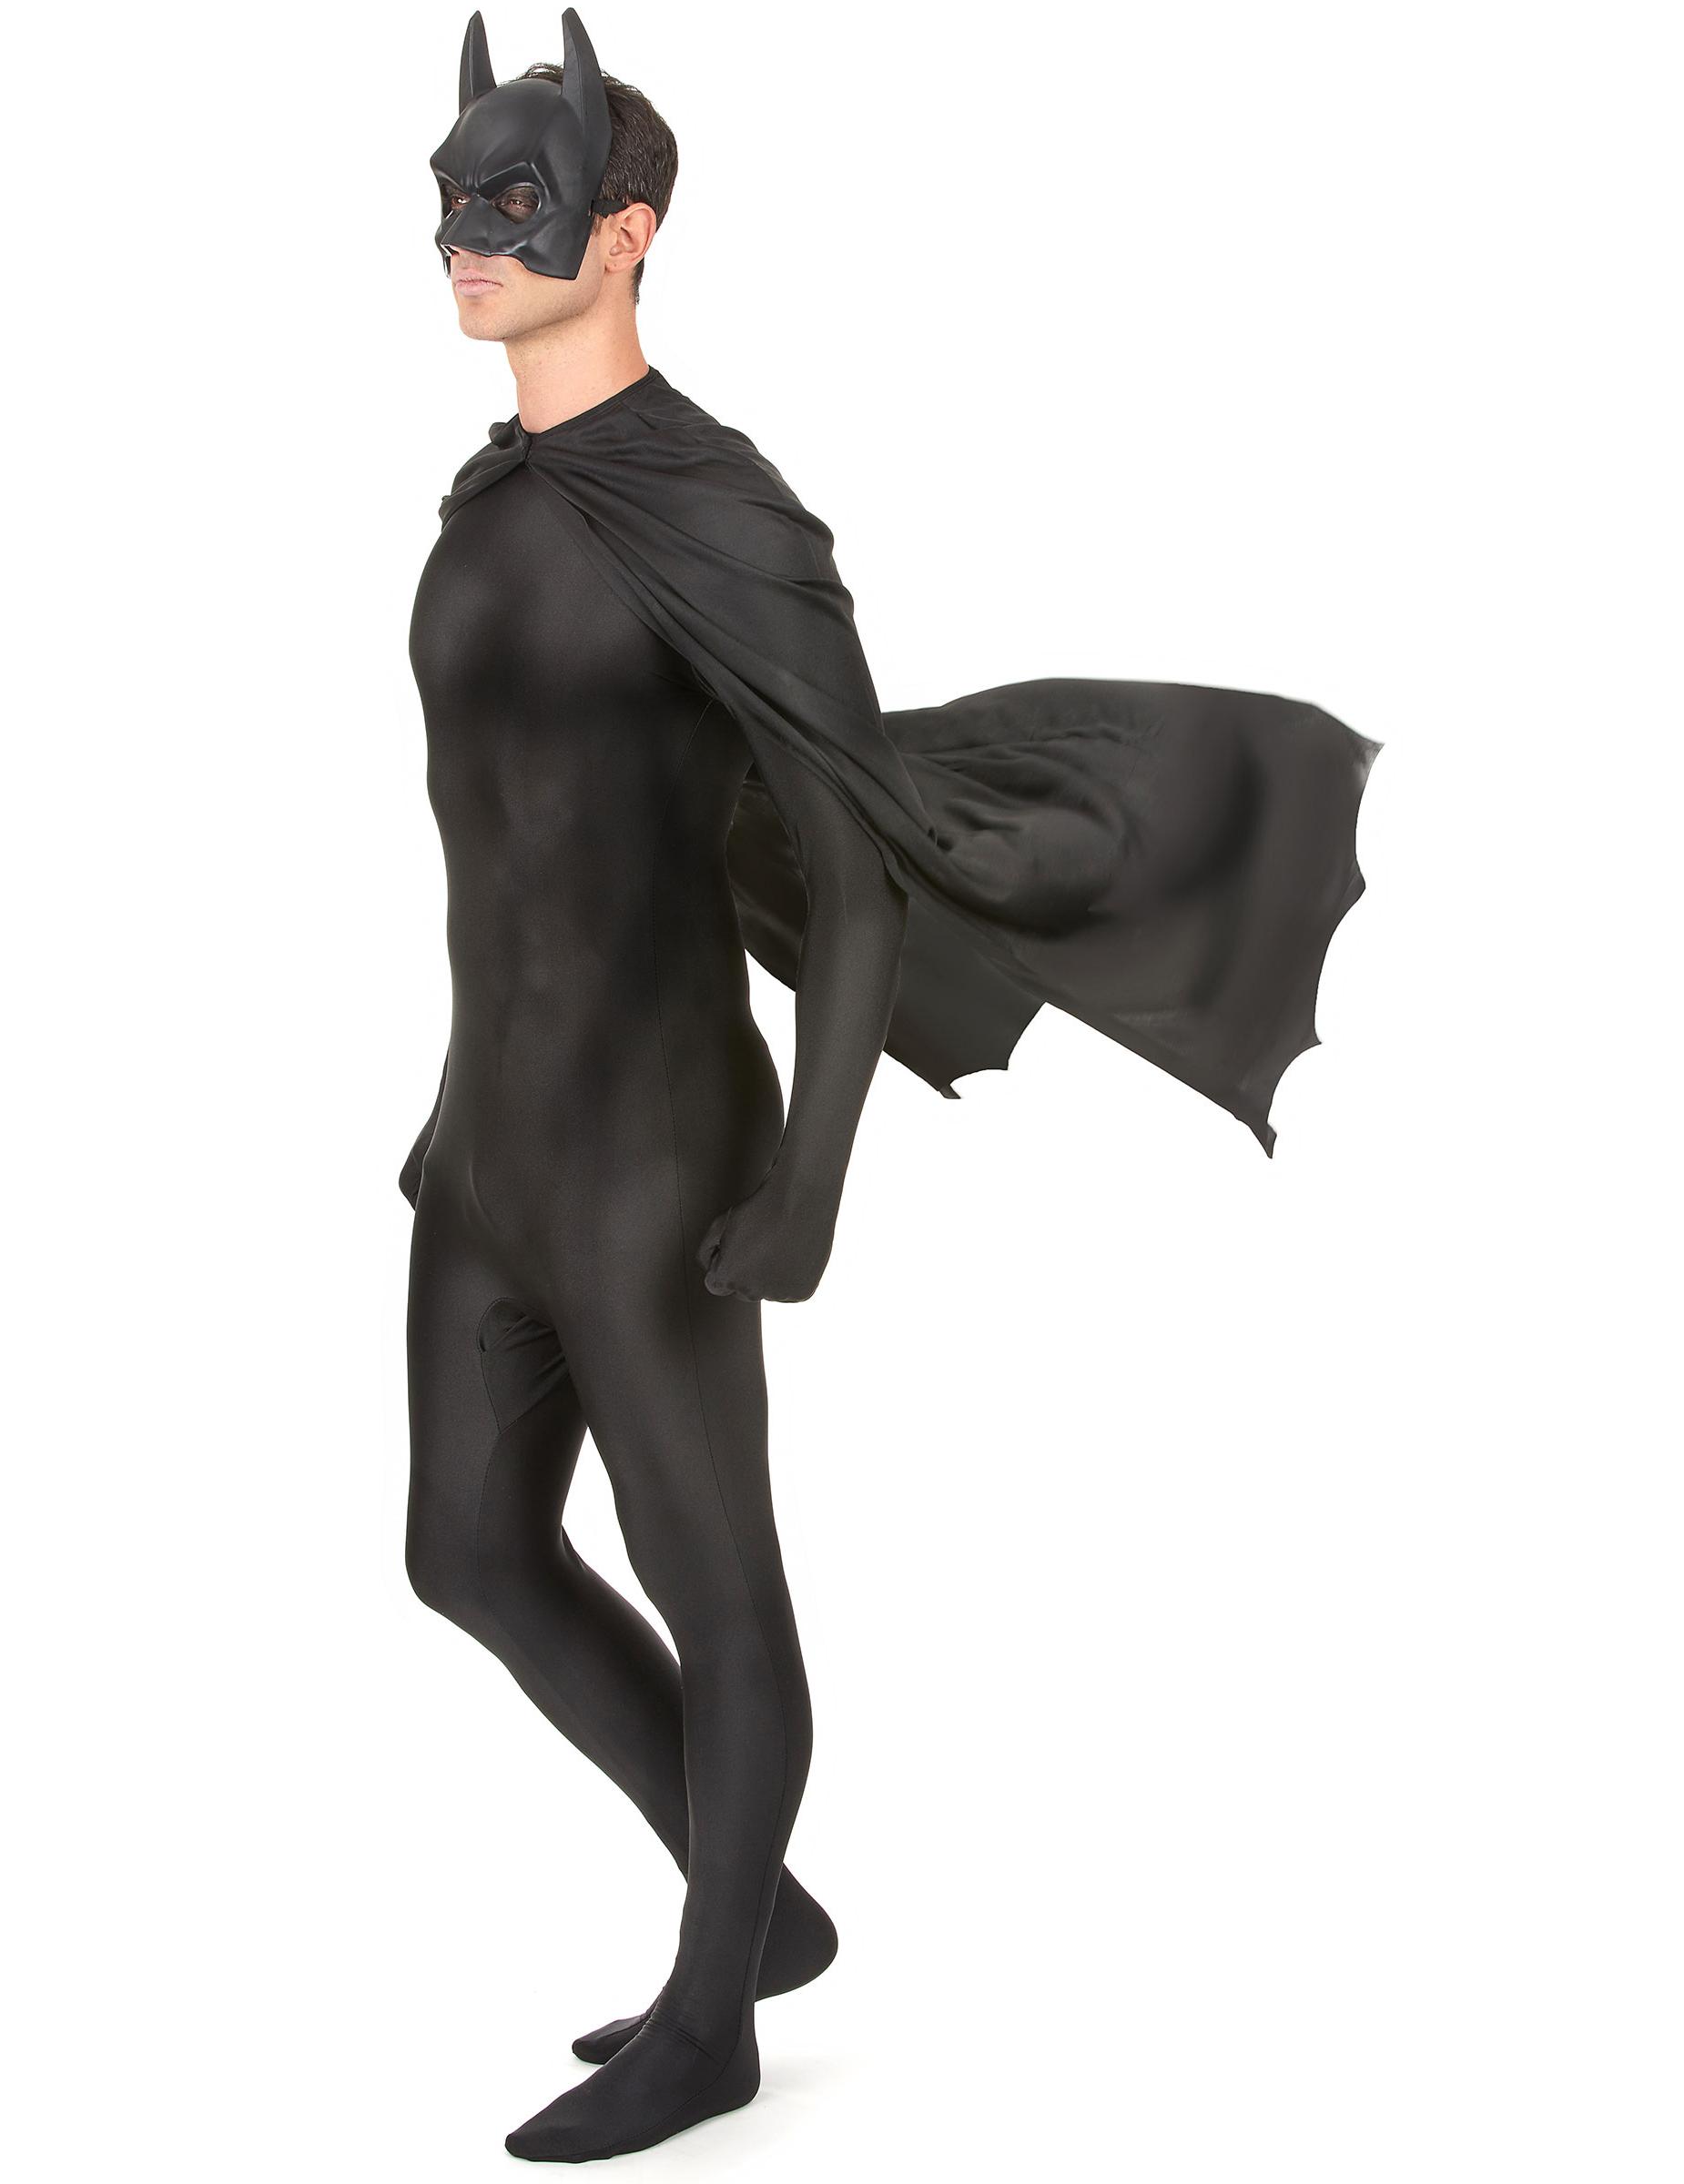 Kit cape et masque Batman™ adulte,1